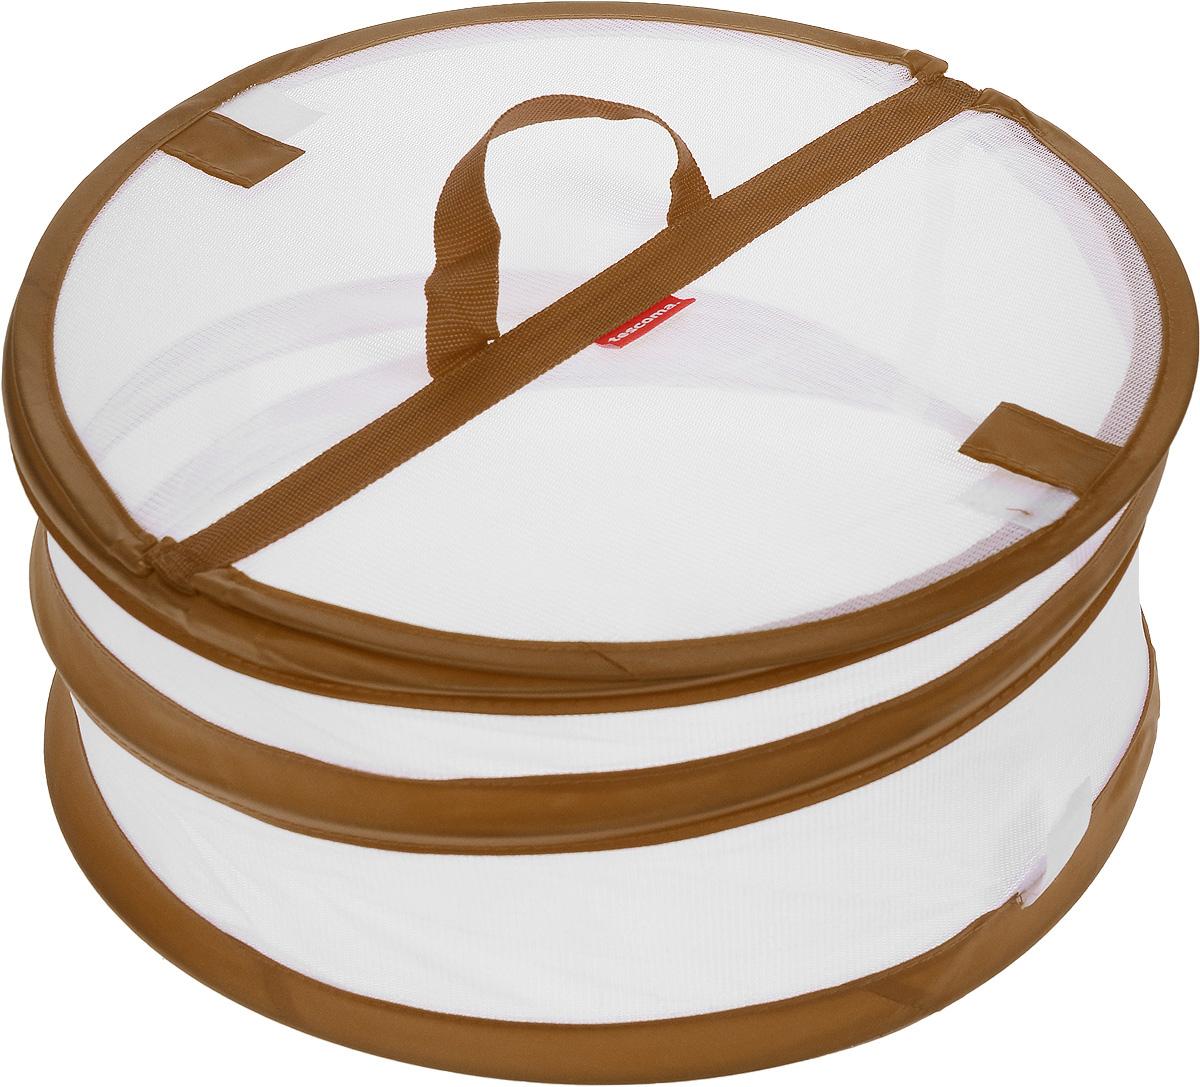 """Крышка для пищевых продуктов Tescoma """"Delicia"""", складная, цвет: белый, коричневый, диаметр 30 см 630850"""